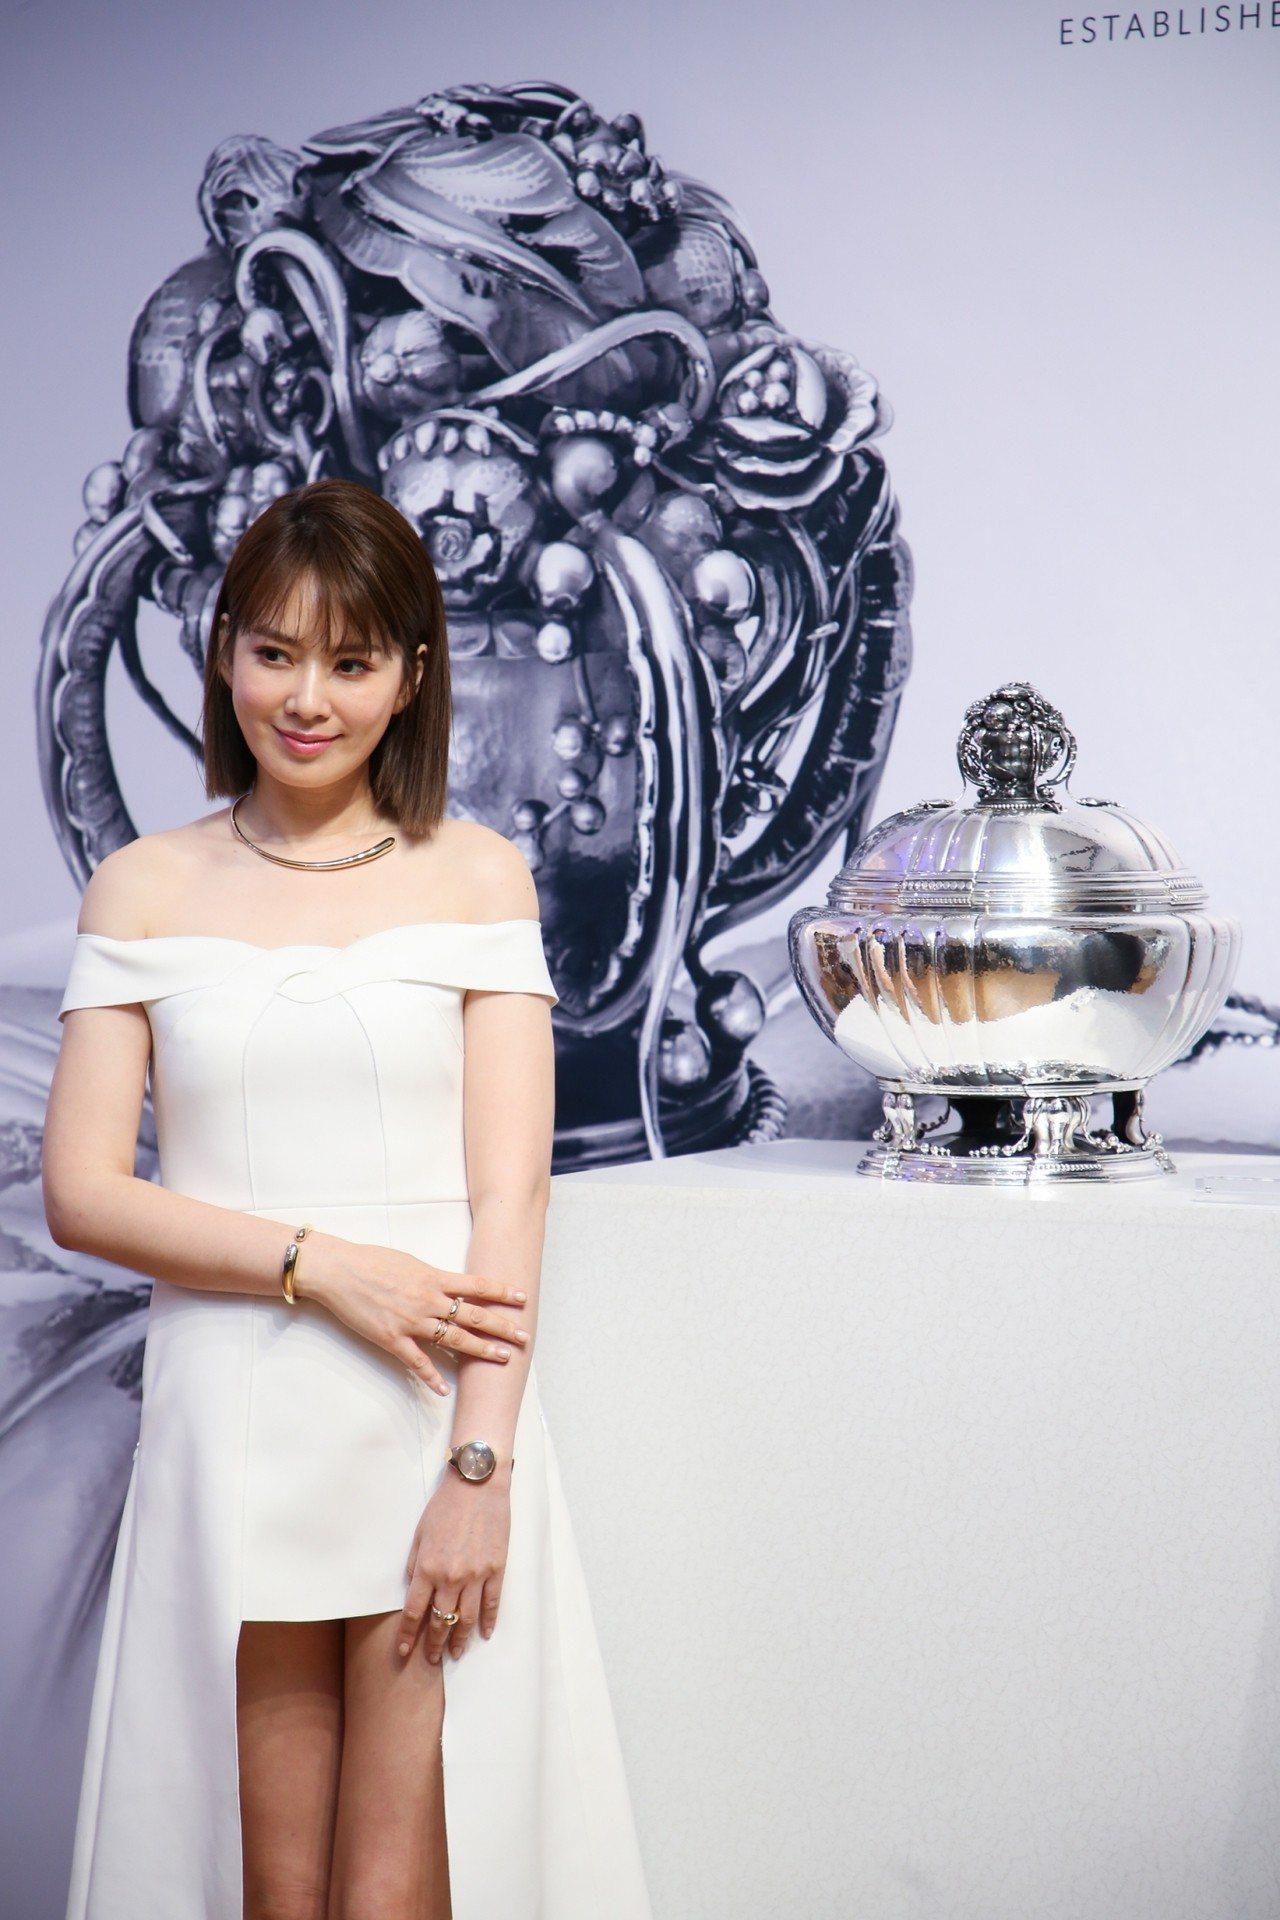 Melody出席喬治傑生《百年工藝 時光之旅》銀雕展開幕活動,與編號270銀雕花...